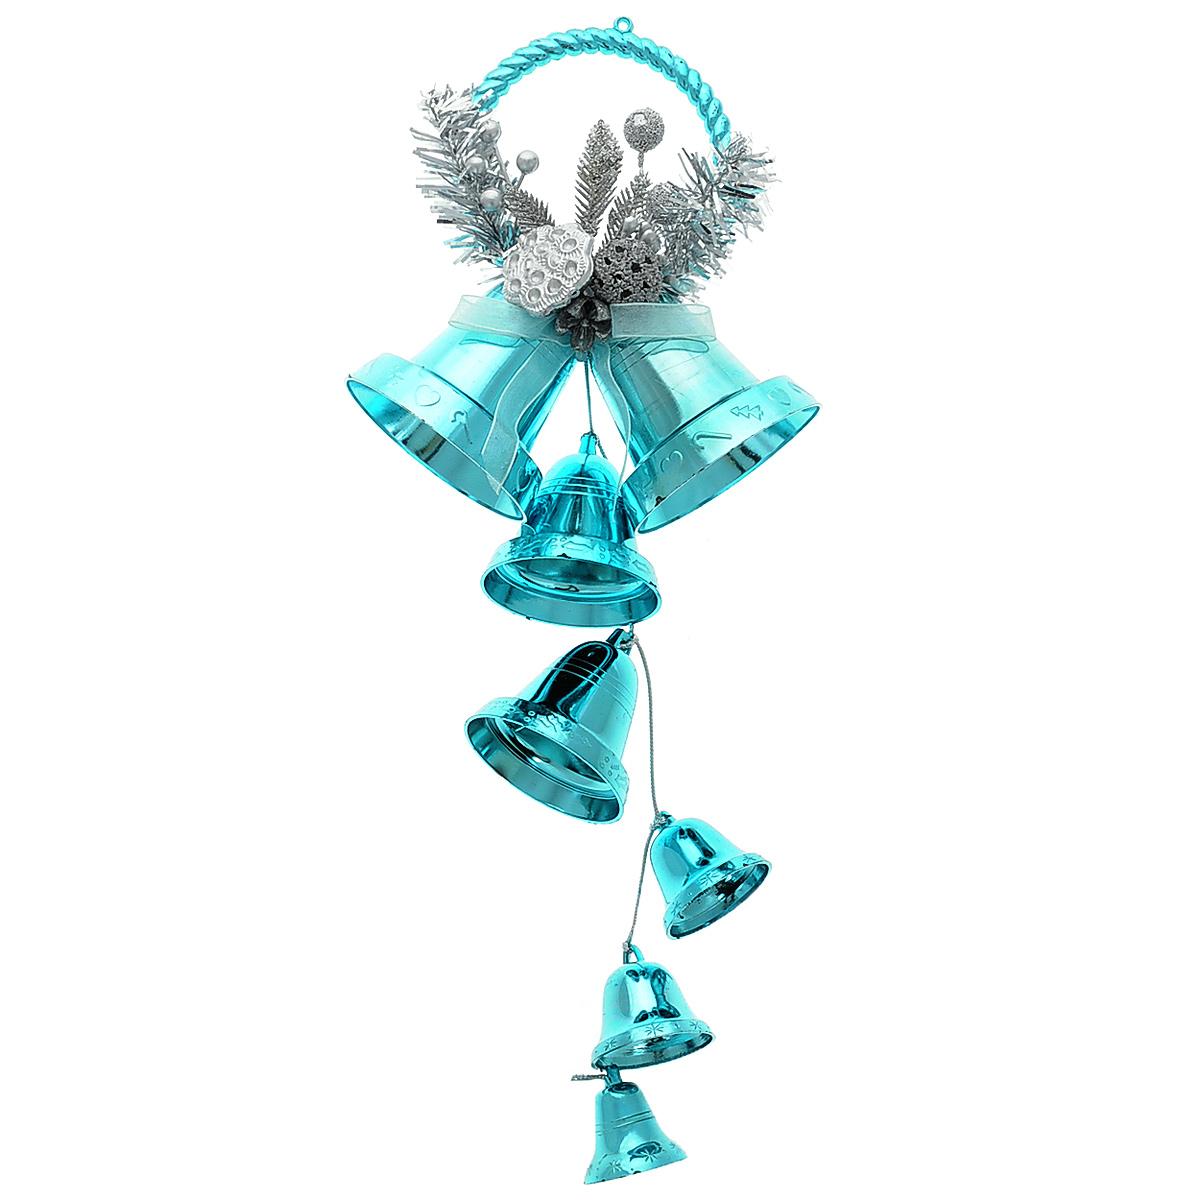 Новогоднее подвесное украшение Колокольчики, цвет: голубой. 3442934429Новогоднее украшение Колокольчики отлично подойдет для декорации вашего дома и новогодней ели. Игрушка выполнена в виде связки на декоративной ленте из шести пластиковых колокольчиков различных размеров. Связка украшена декоративным элементом в виде цветка с золотистым листком, ветками с ягодами и текстильным бантом с мишурой. Колокольчики украшены мишурой и золотой каймой по краю. Украшение оснащено специальной текстильной петелькой для подвешивания. Елочная игрушка - символ Нового года. Она несет в себе волшебство и красоту праздника. Создайте в своем доме атмосферу веселья и радости, украшая всей семьей новогоднюю елку нарядными игрушками, которые будут из года в год накапливать теплоту воспоминаний.